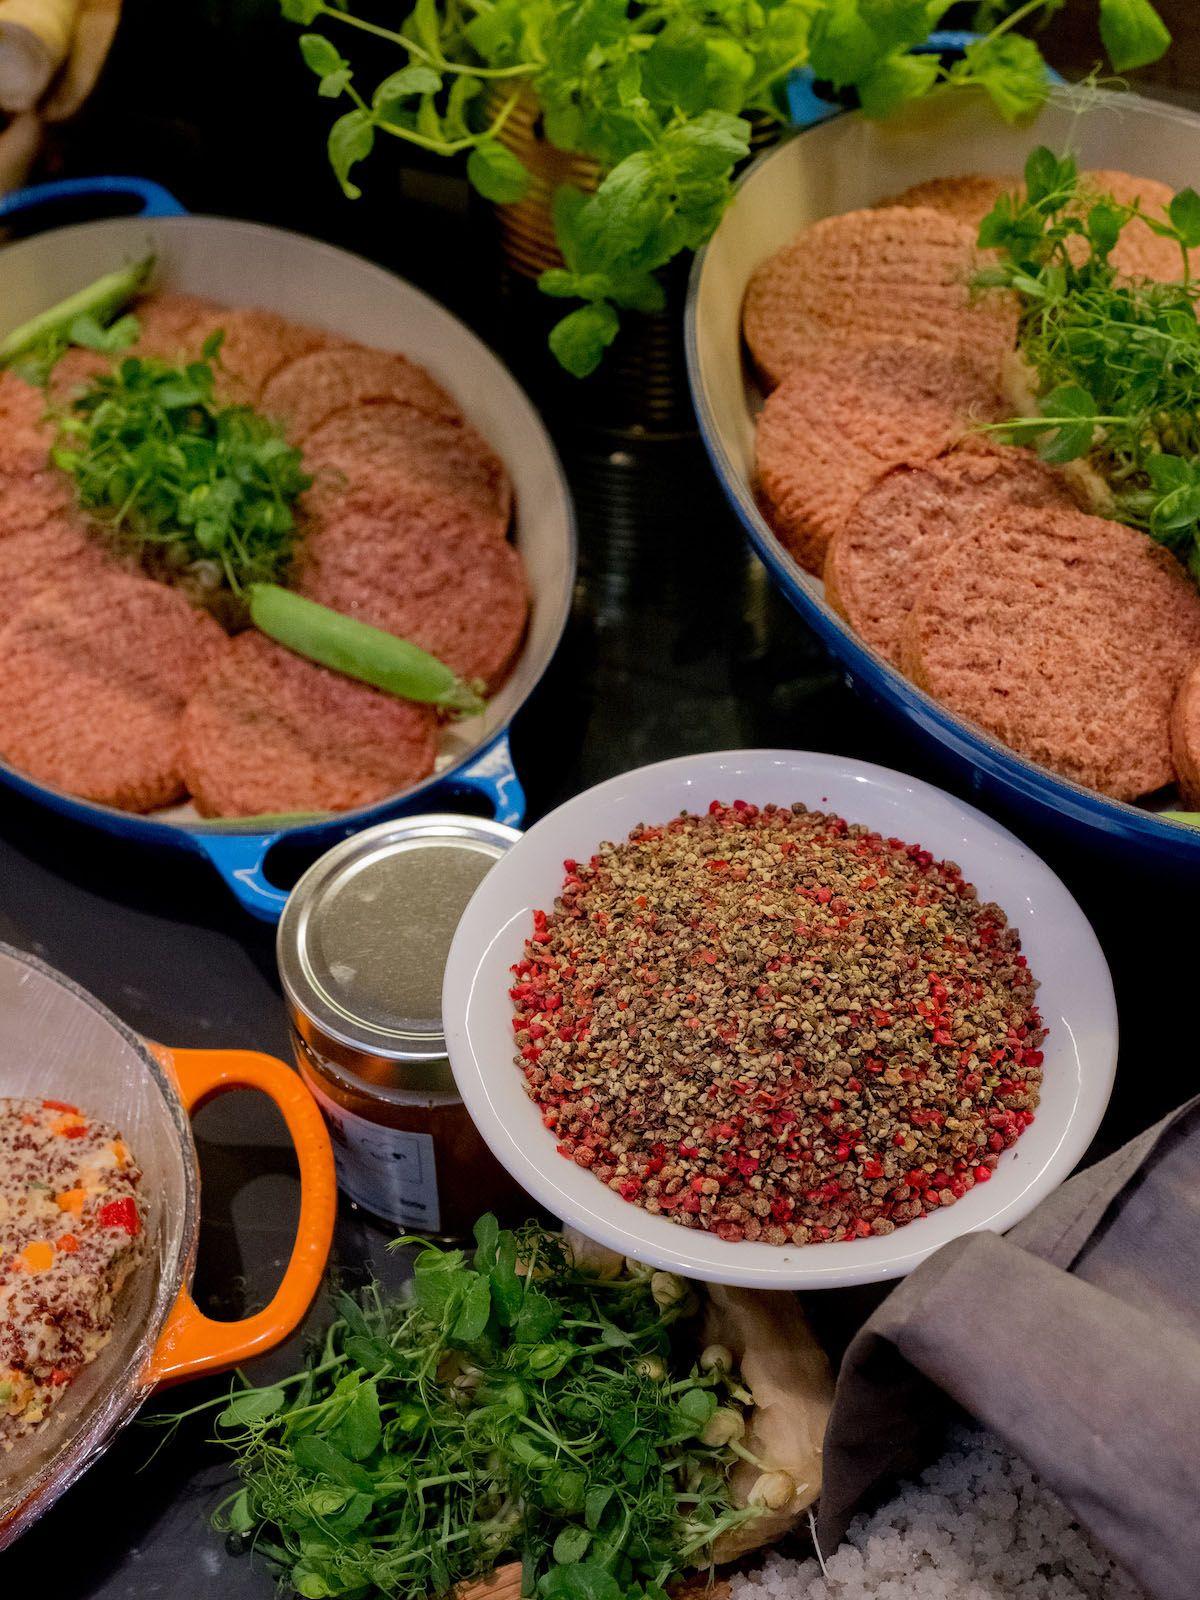 Foodblog, About Fuel, Leckerbissen, Scandic Hotel Frankfurt, Beyond Meat